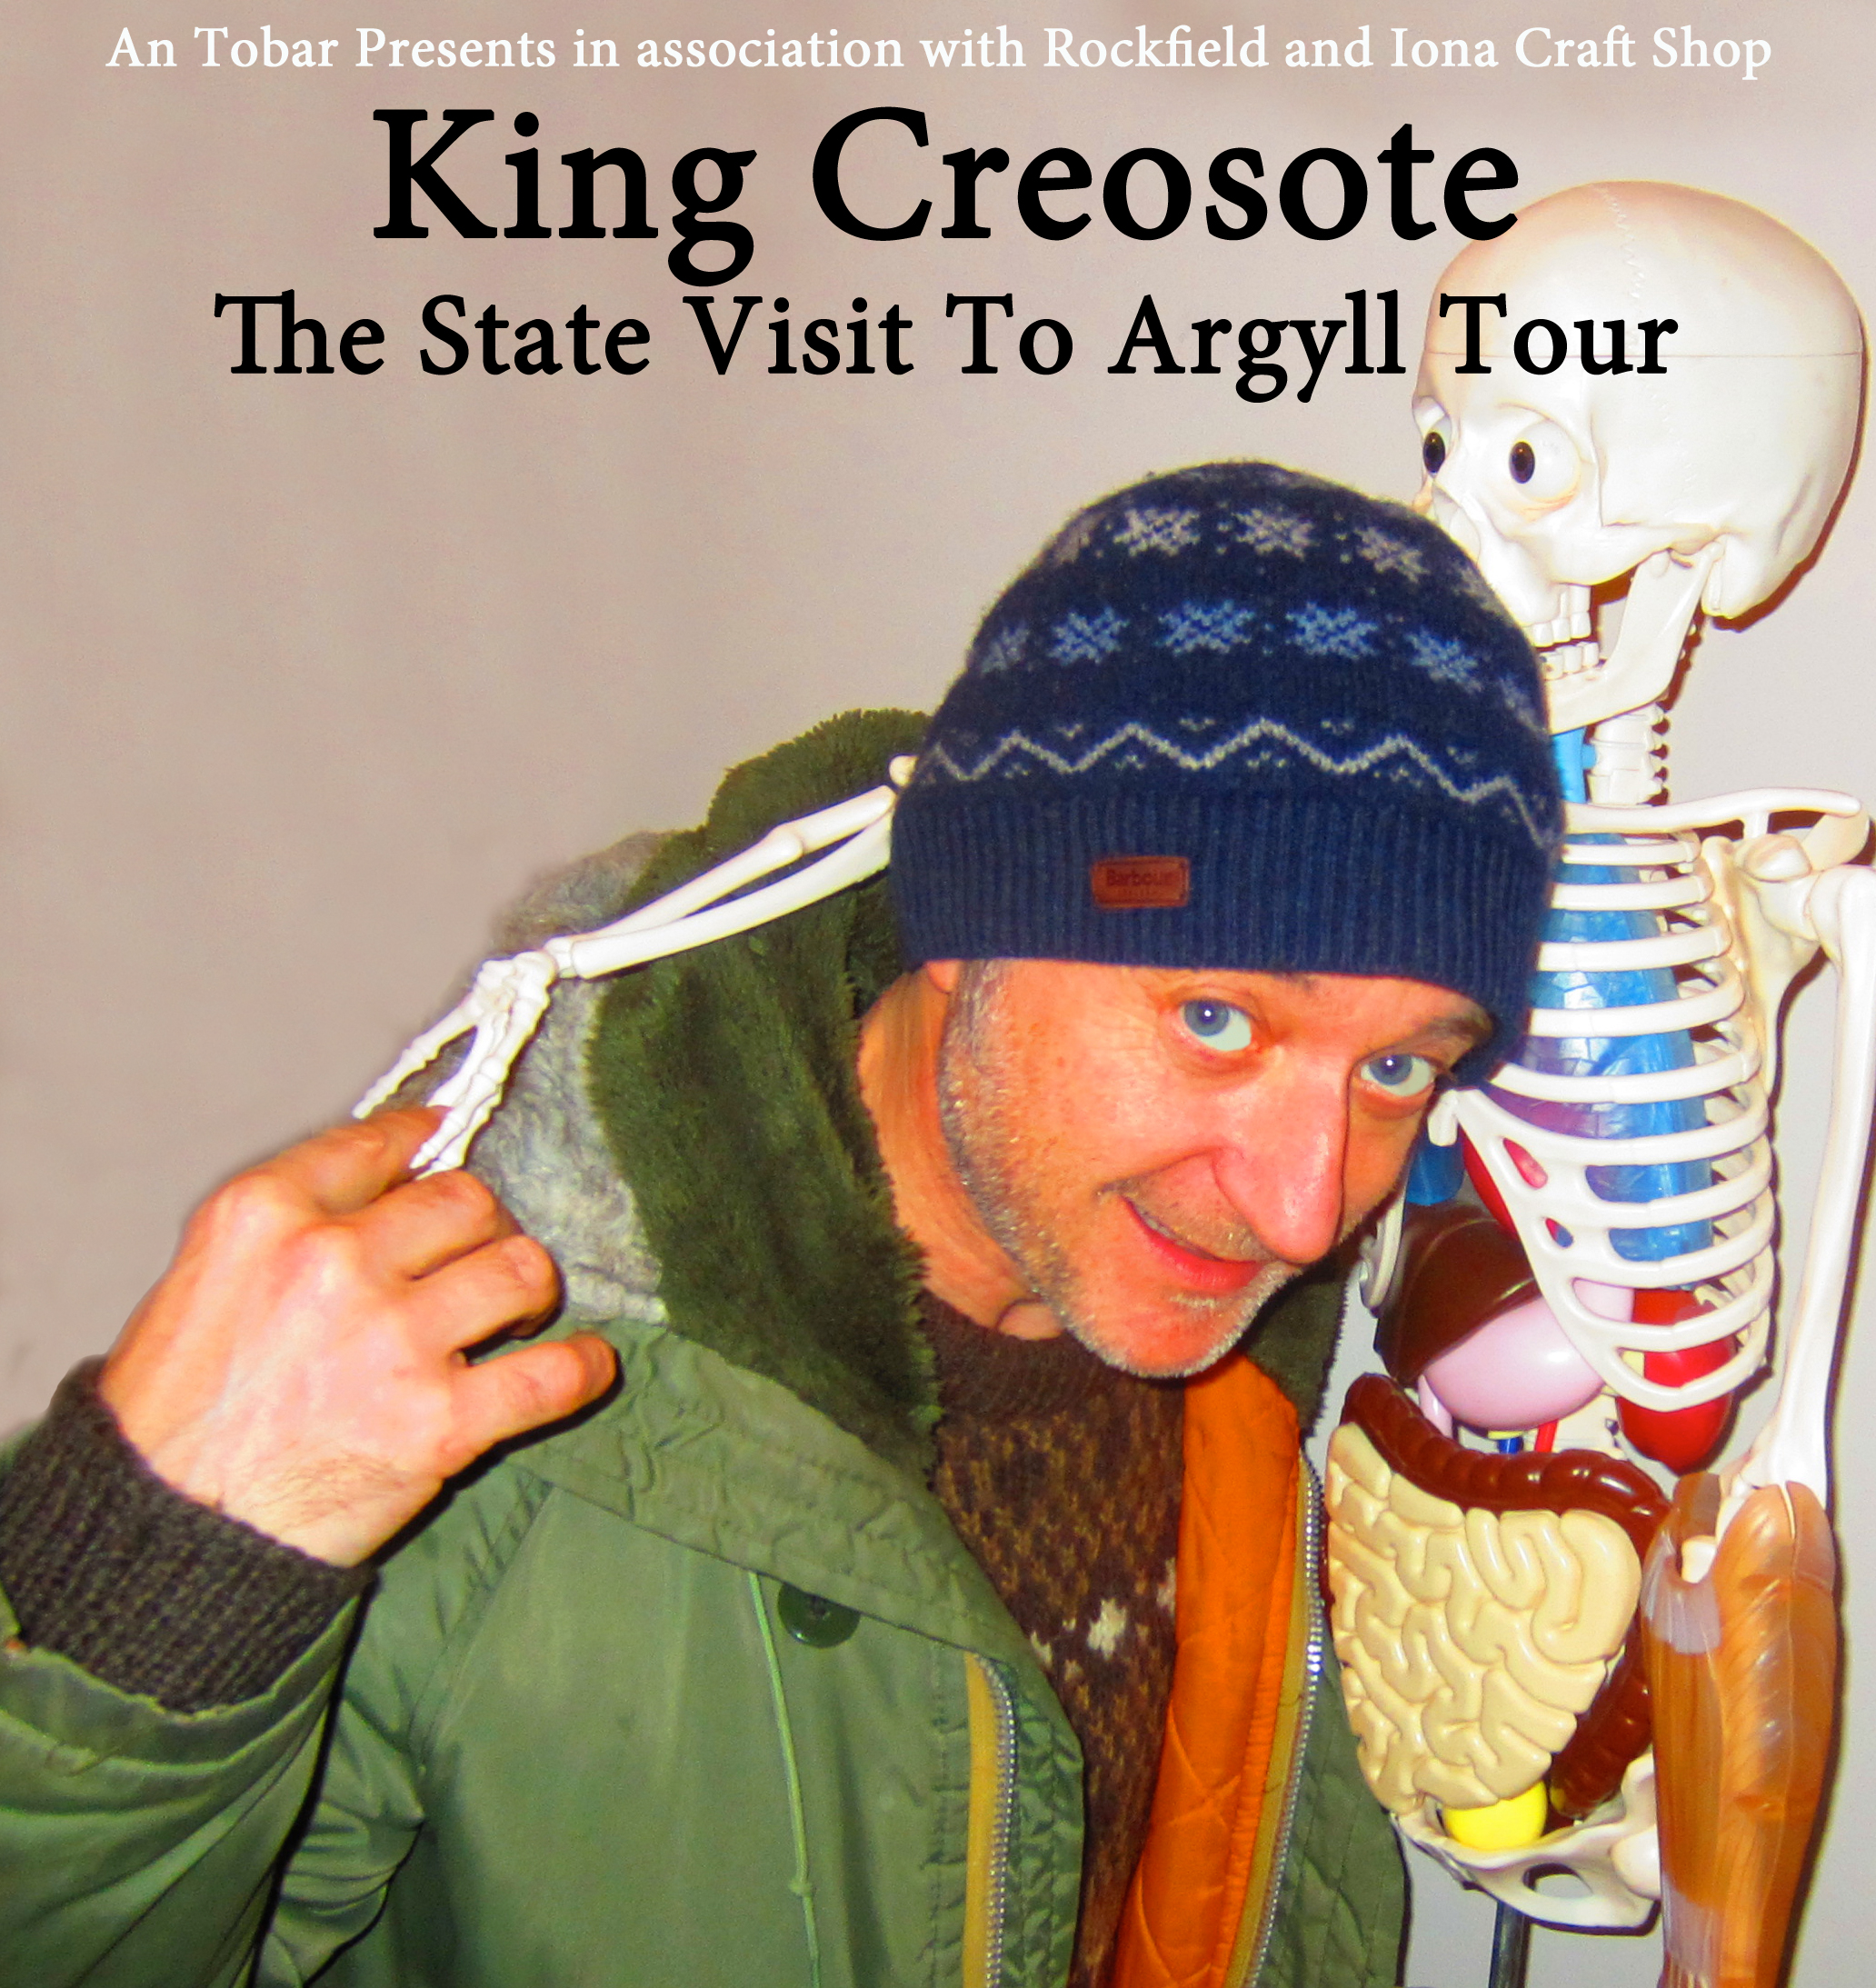 KC State Tour image.jpg